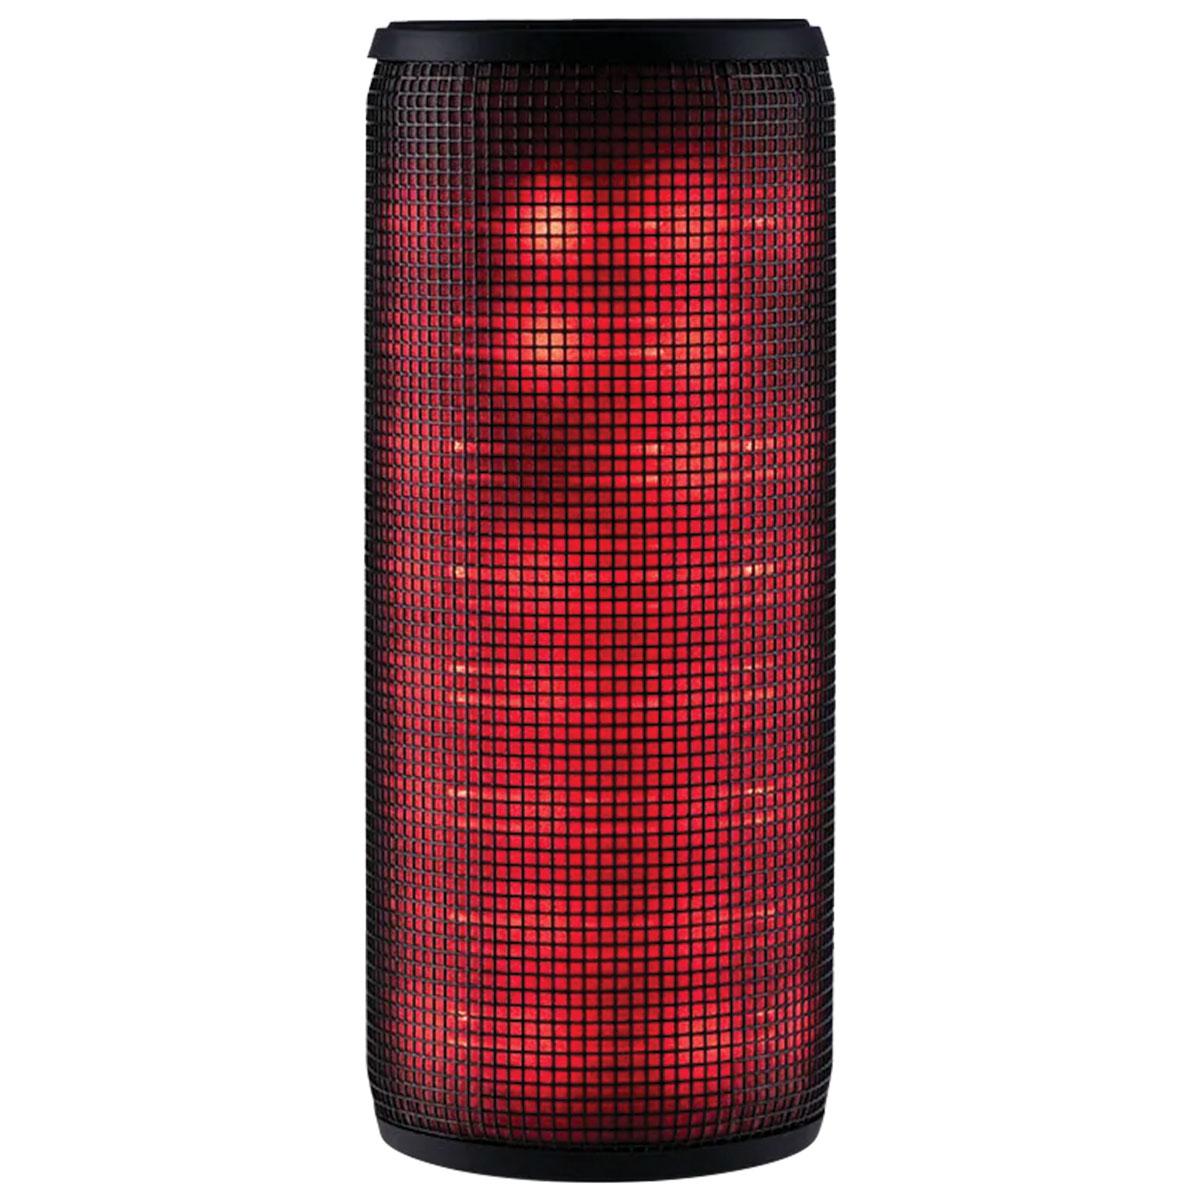 CAIXA DE SOM LED BLUETOOTH 10W USB/SD/AUX PRETO SP304